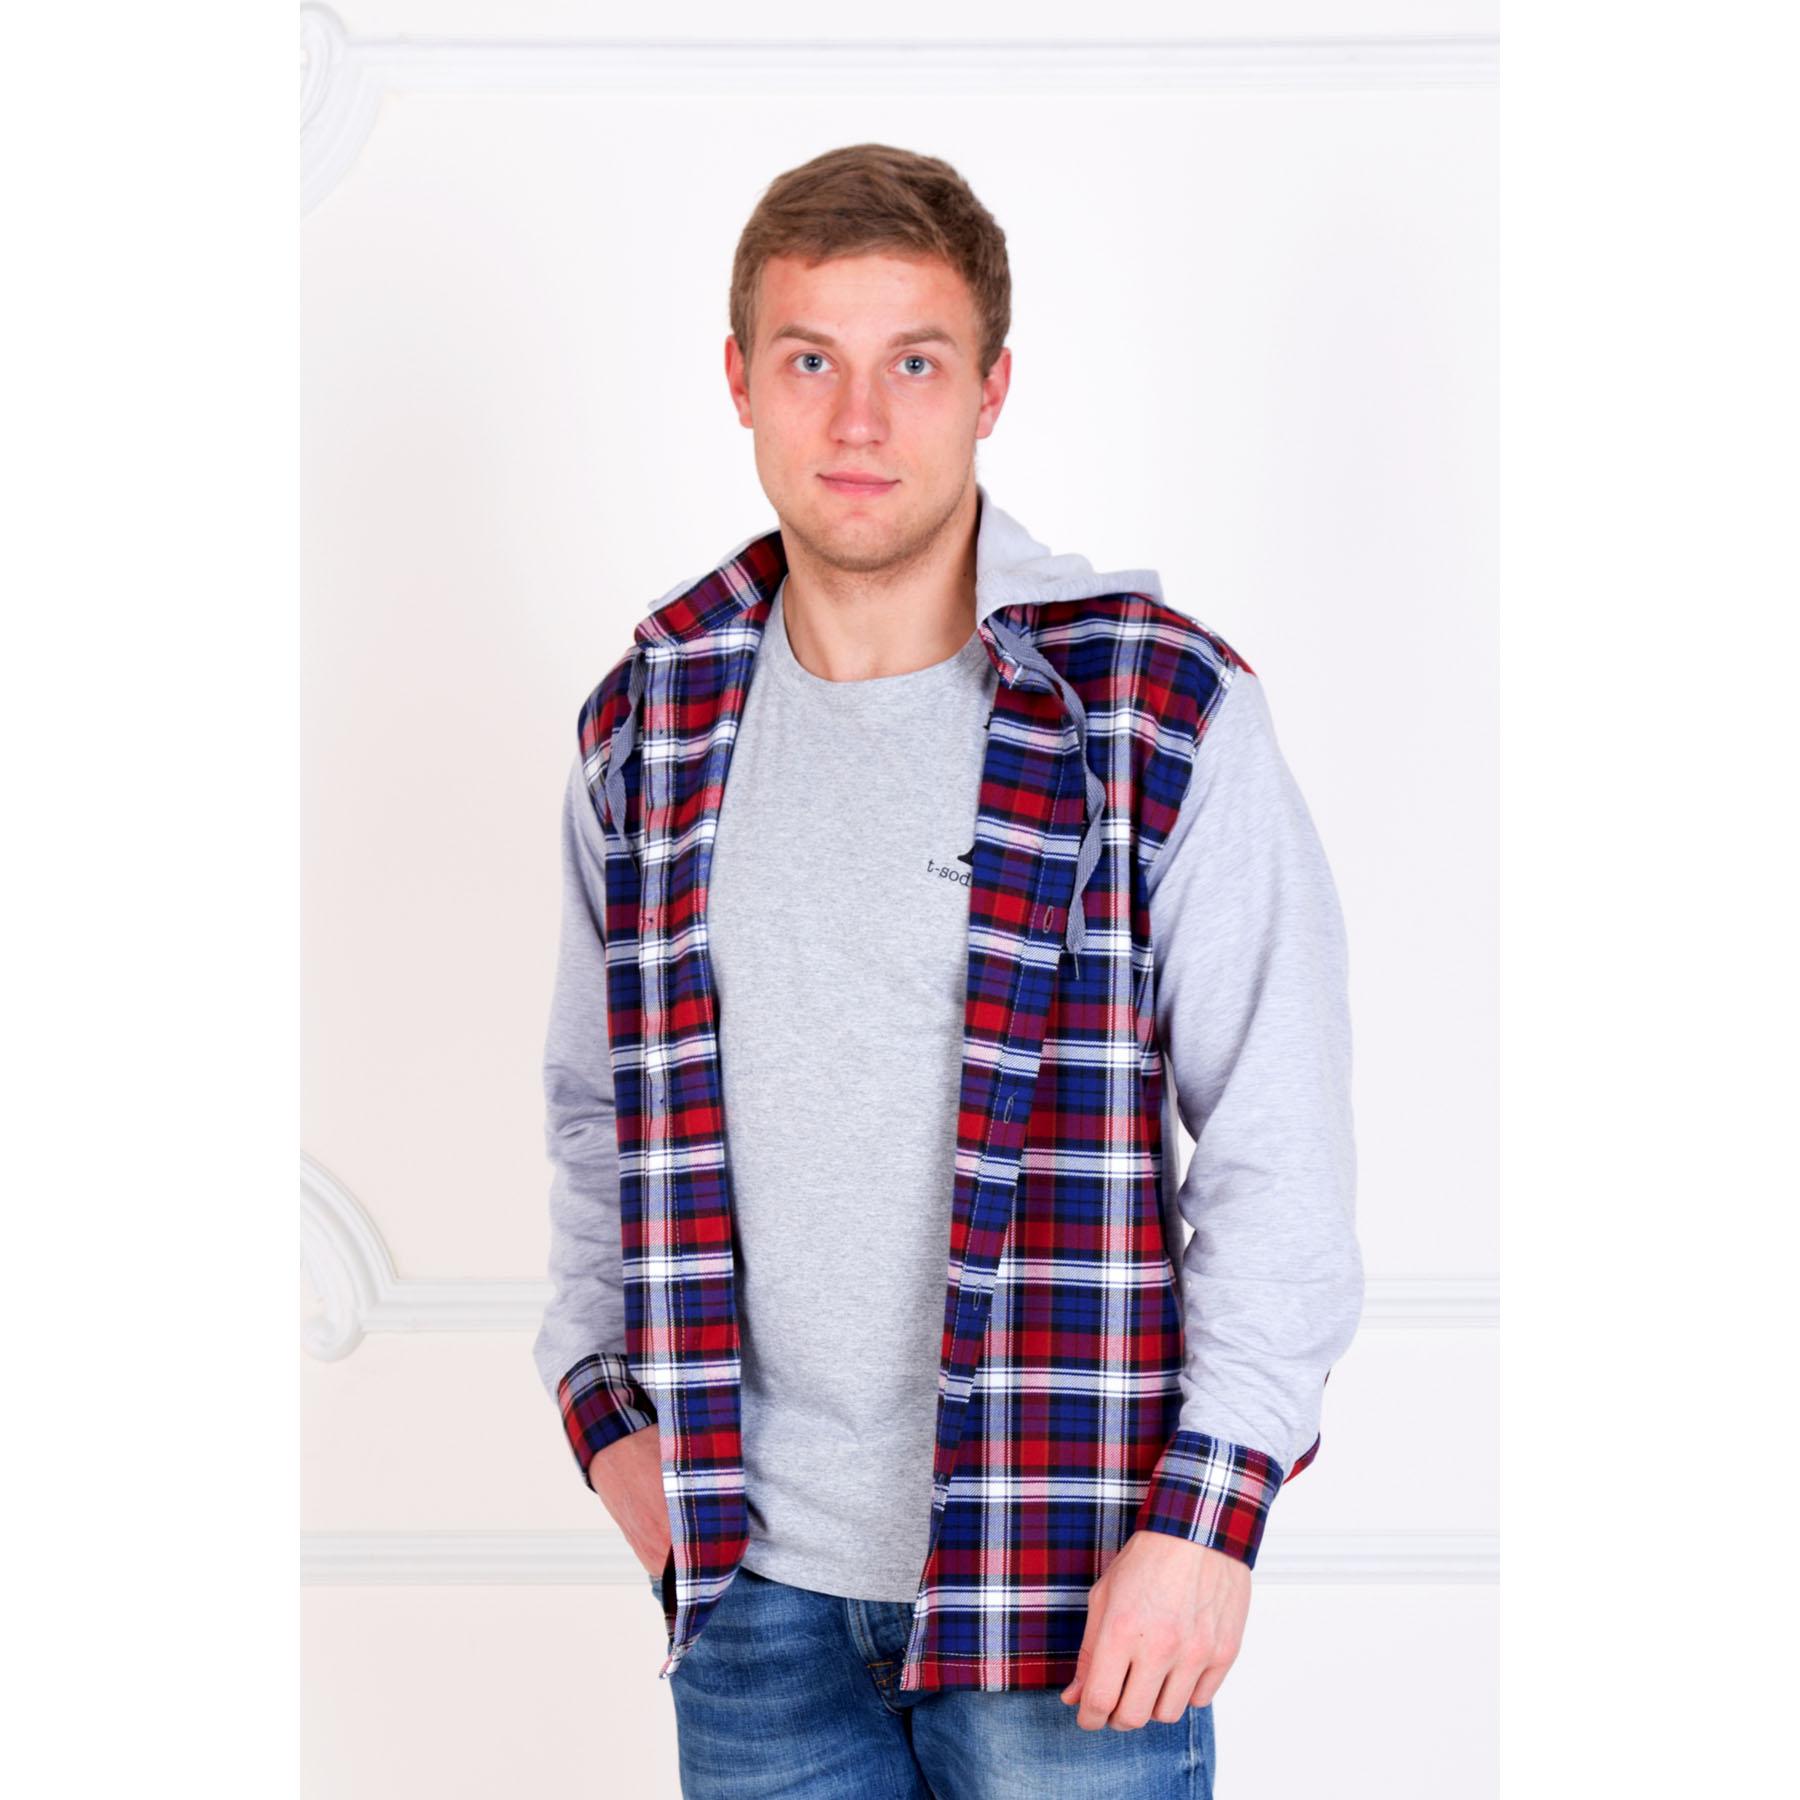 Мужская рубашка «Адриан» Красный, размер 44Джемпера и толстовки<br>Обхват груди:88 см<br>Обхват талии:78 см<br>Обхват бедер:94 см<br>Рост:170-176 см<br><br>Тип: Муж. рубашка<br>Размер: 44<br>Материал: Шотландка